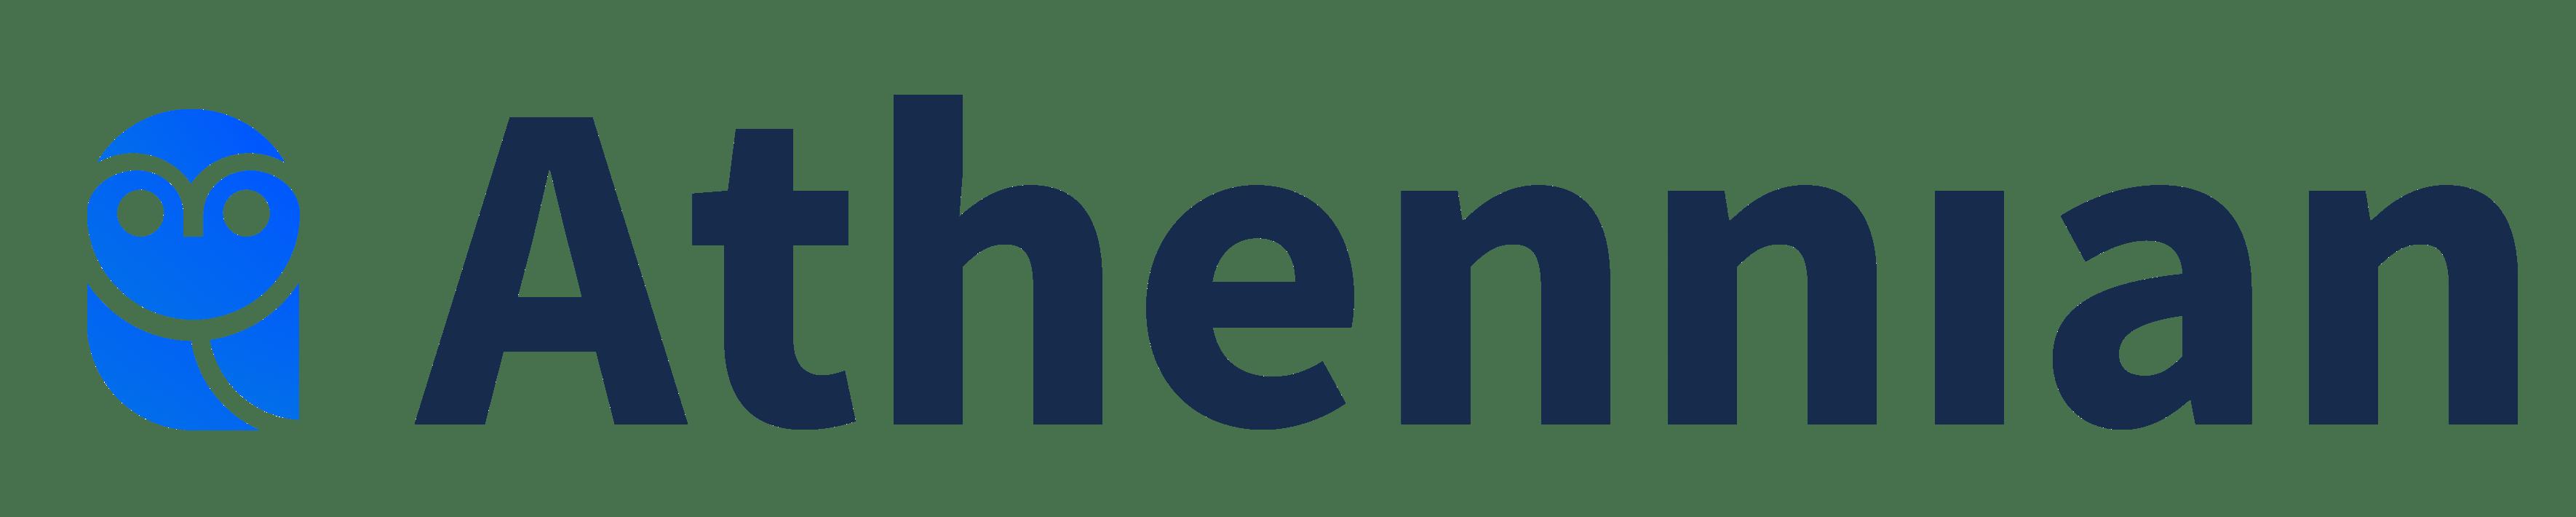 Athennian company logo